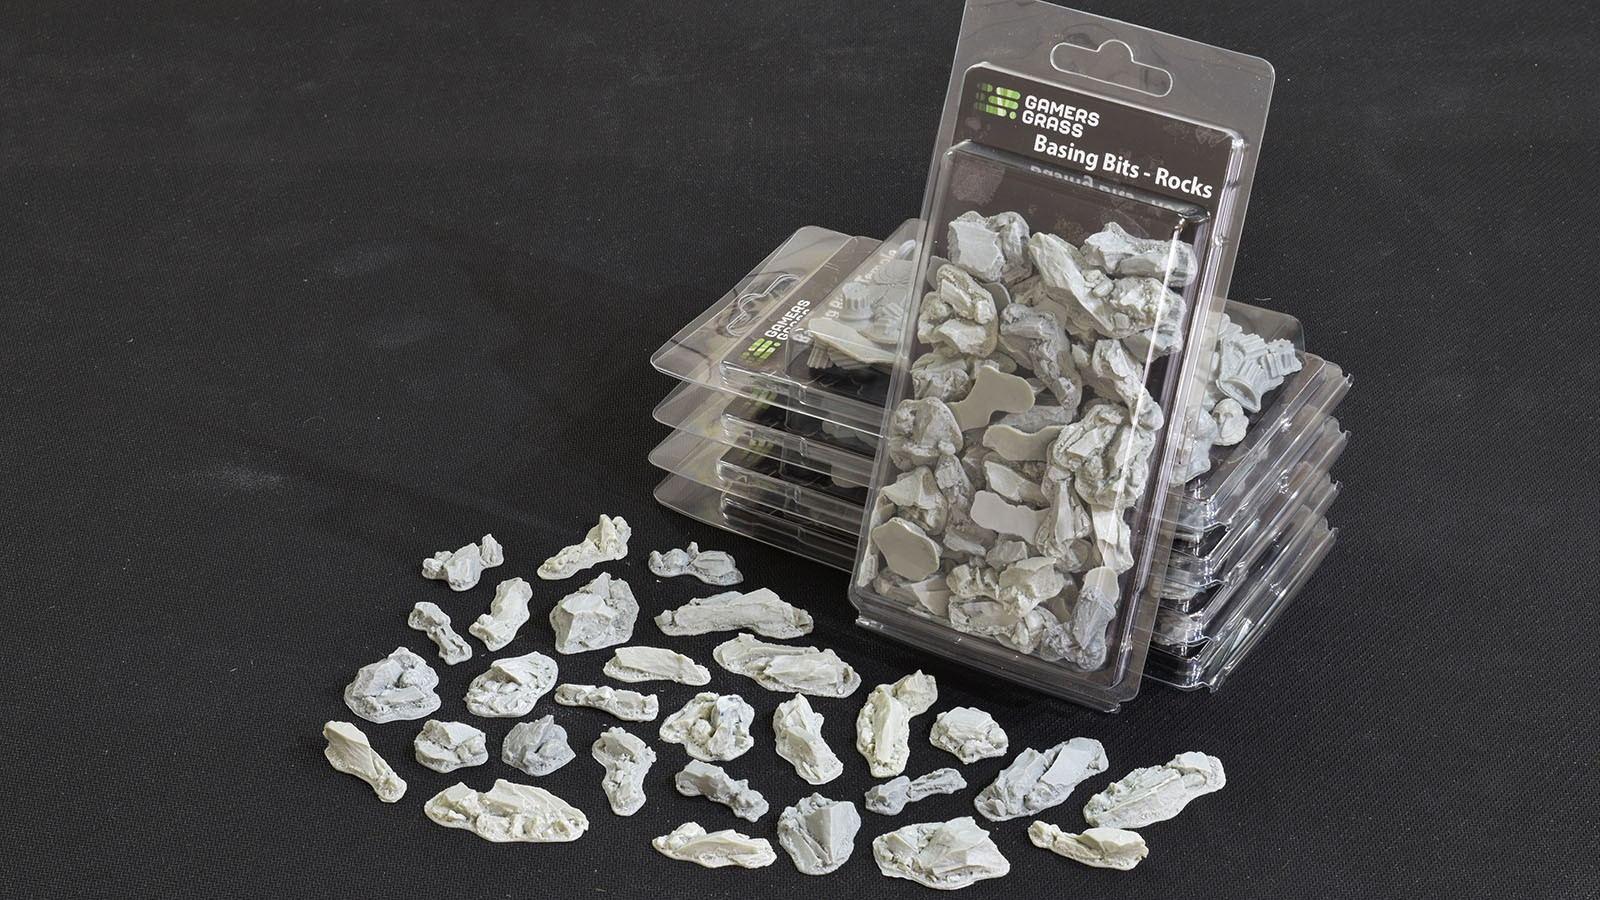 GamersGrass Basing Bits Rocks